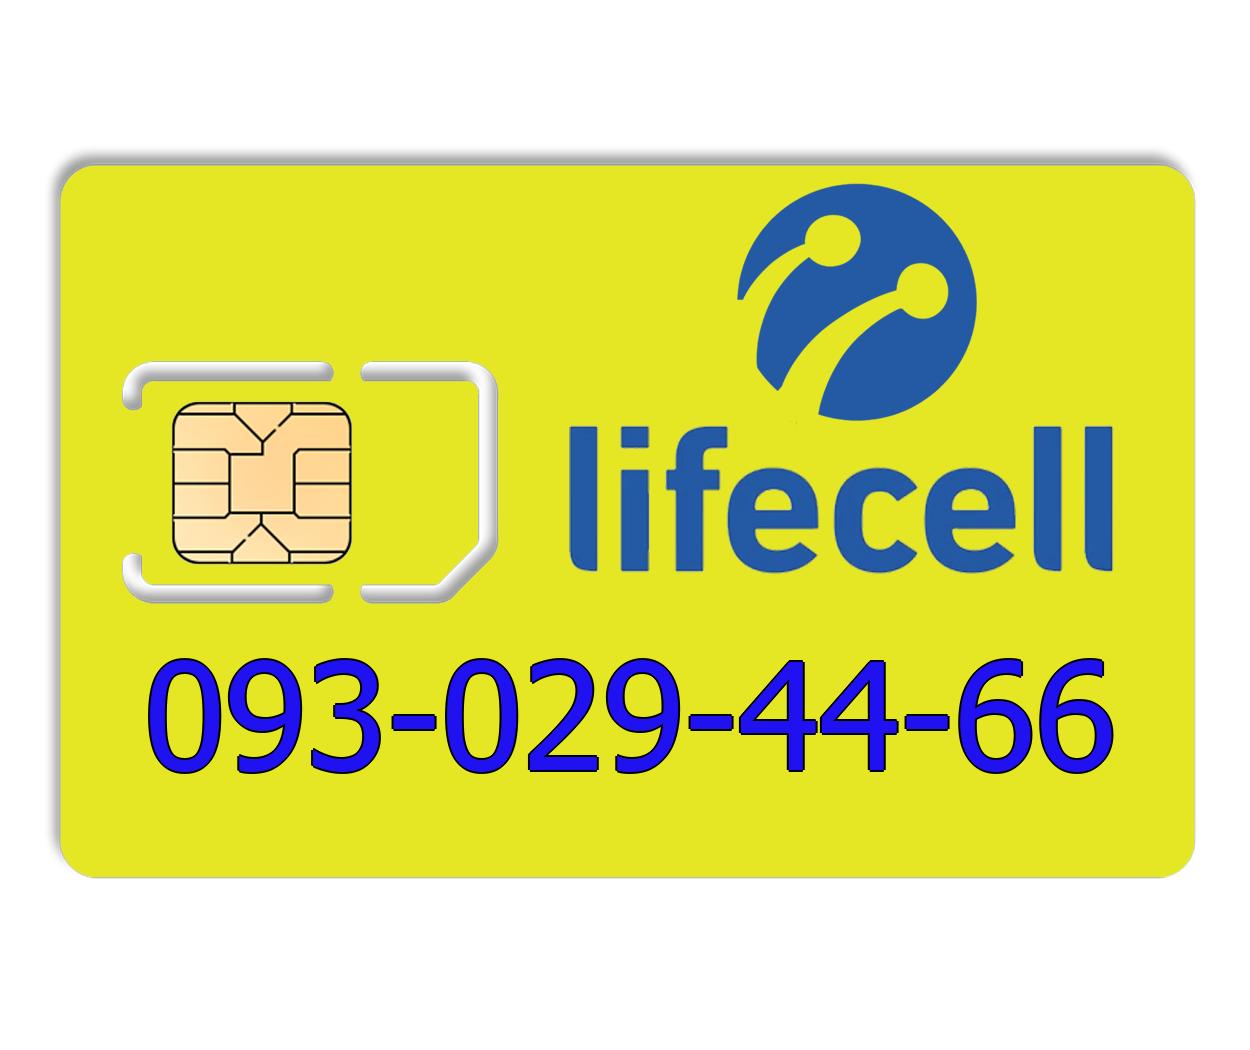 Красивый номер lifecell 093-029-44-66